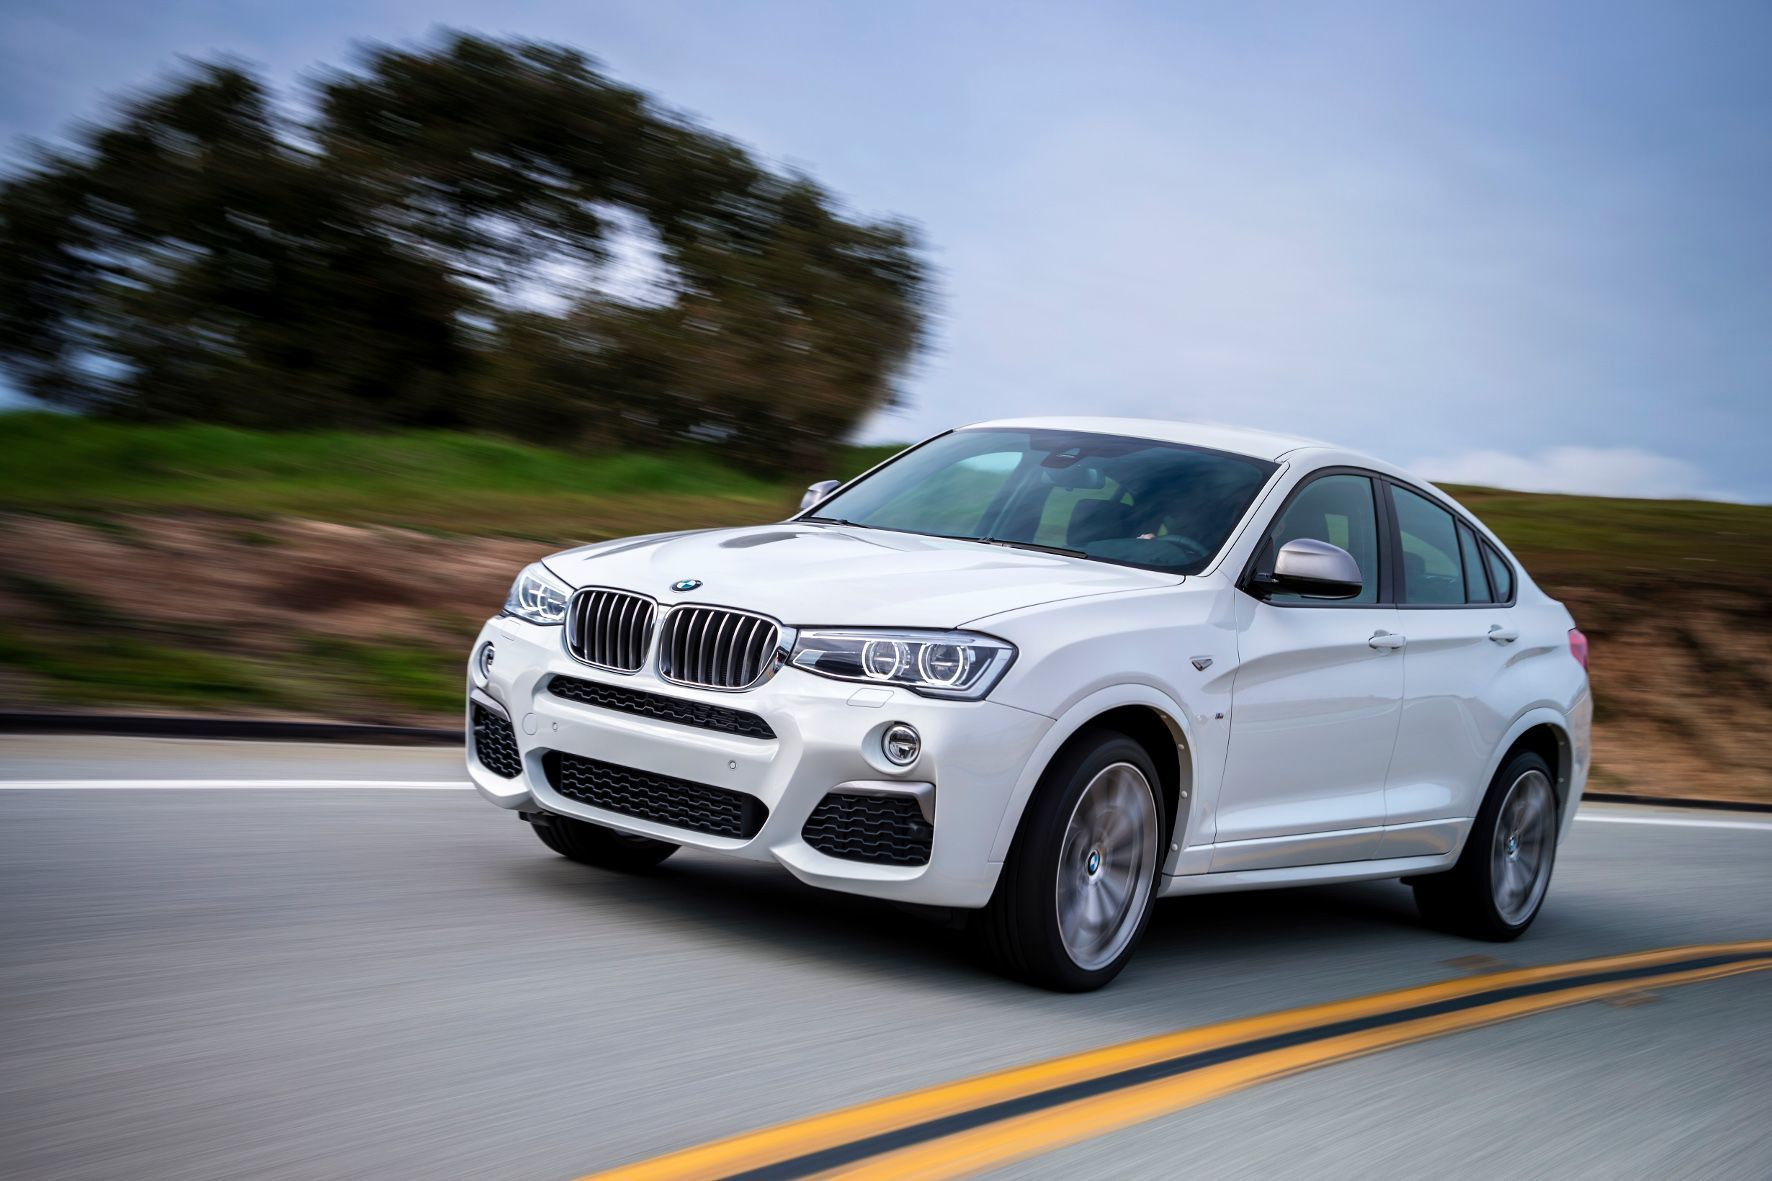 mid Groß-Gerau - Wegen nicht ausreichend stabilen Kindersitz-Befestigungen müssen etwa 175.000 Exemplare der Mittelklasse-SUV X3 und X4 von BMW in die Werkstatt.